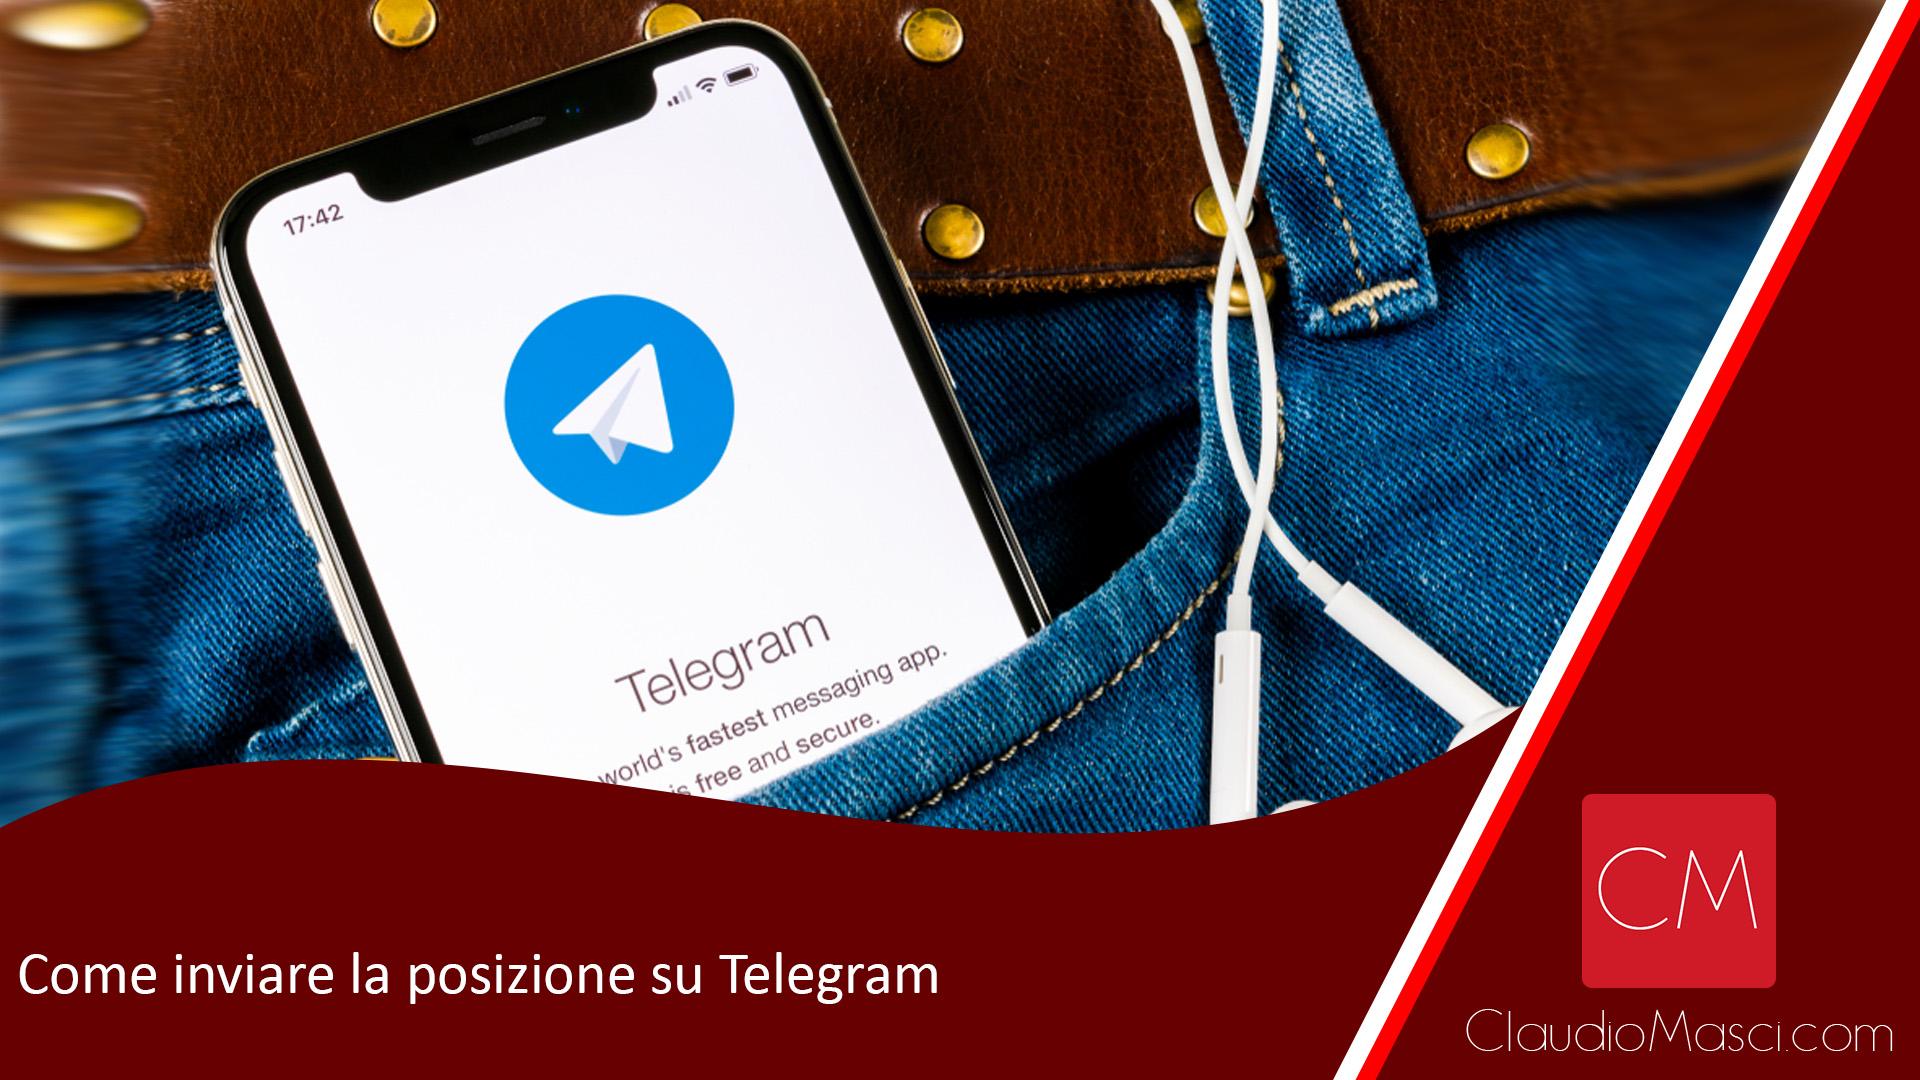 Come inviare la posizione su Telegram